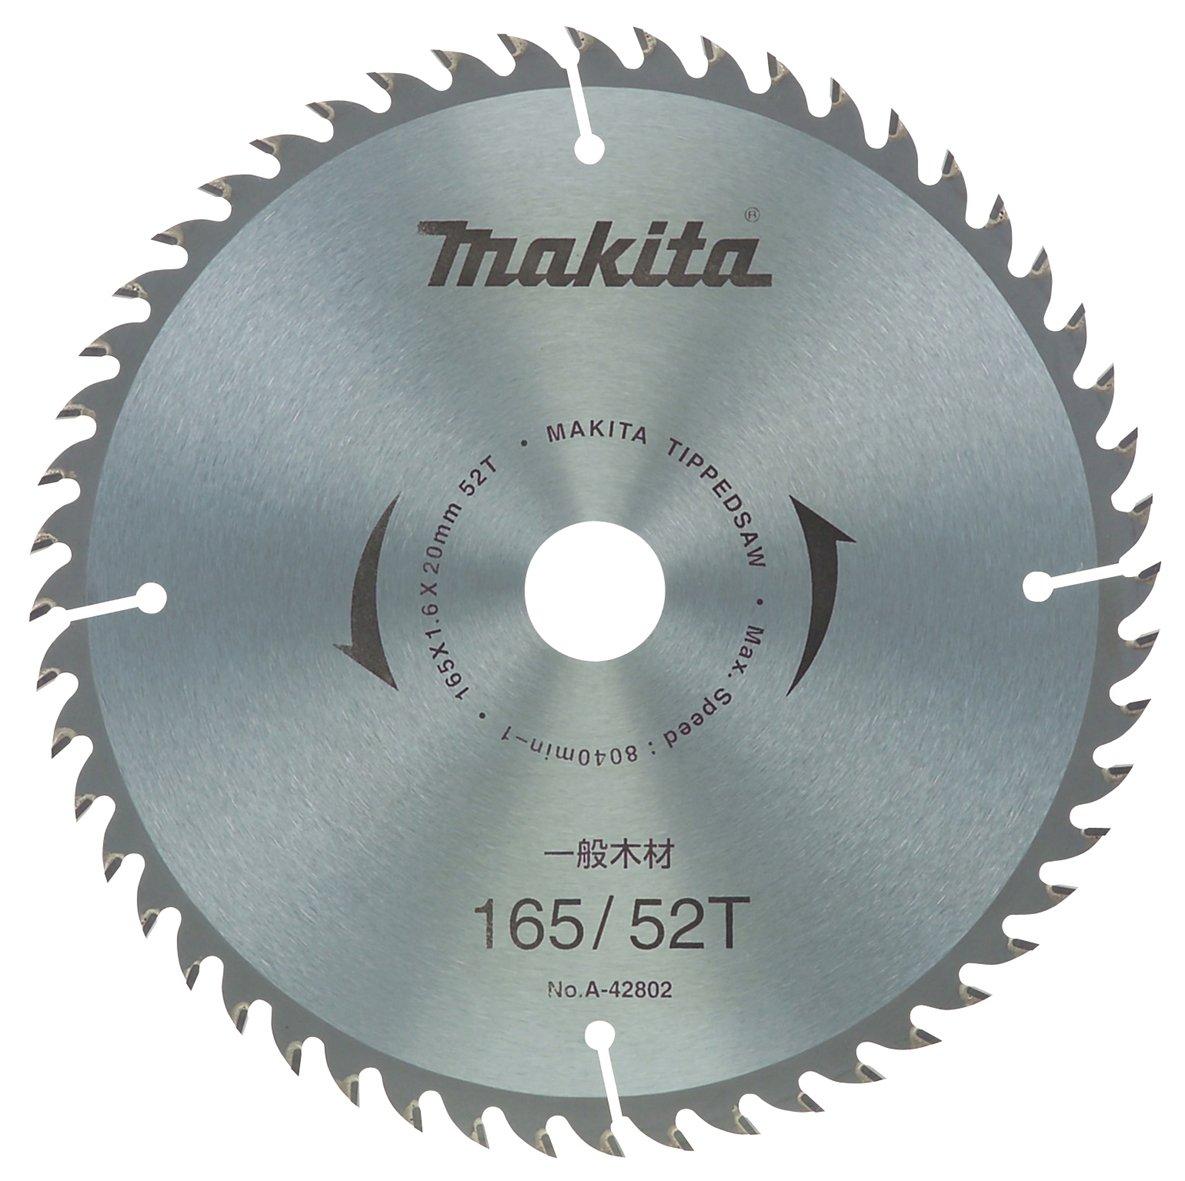 マキタ チップソー 外径415mm 刃数50T 一般木工用 A-05804 B00FKP9SGM 外径415mm 刃数50T 外径415mm 刃数50T